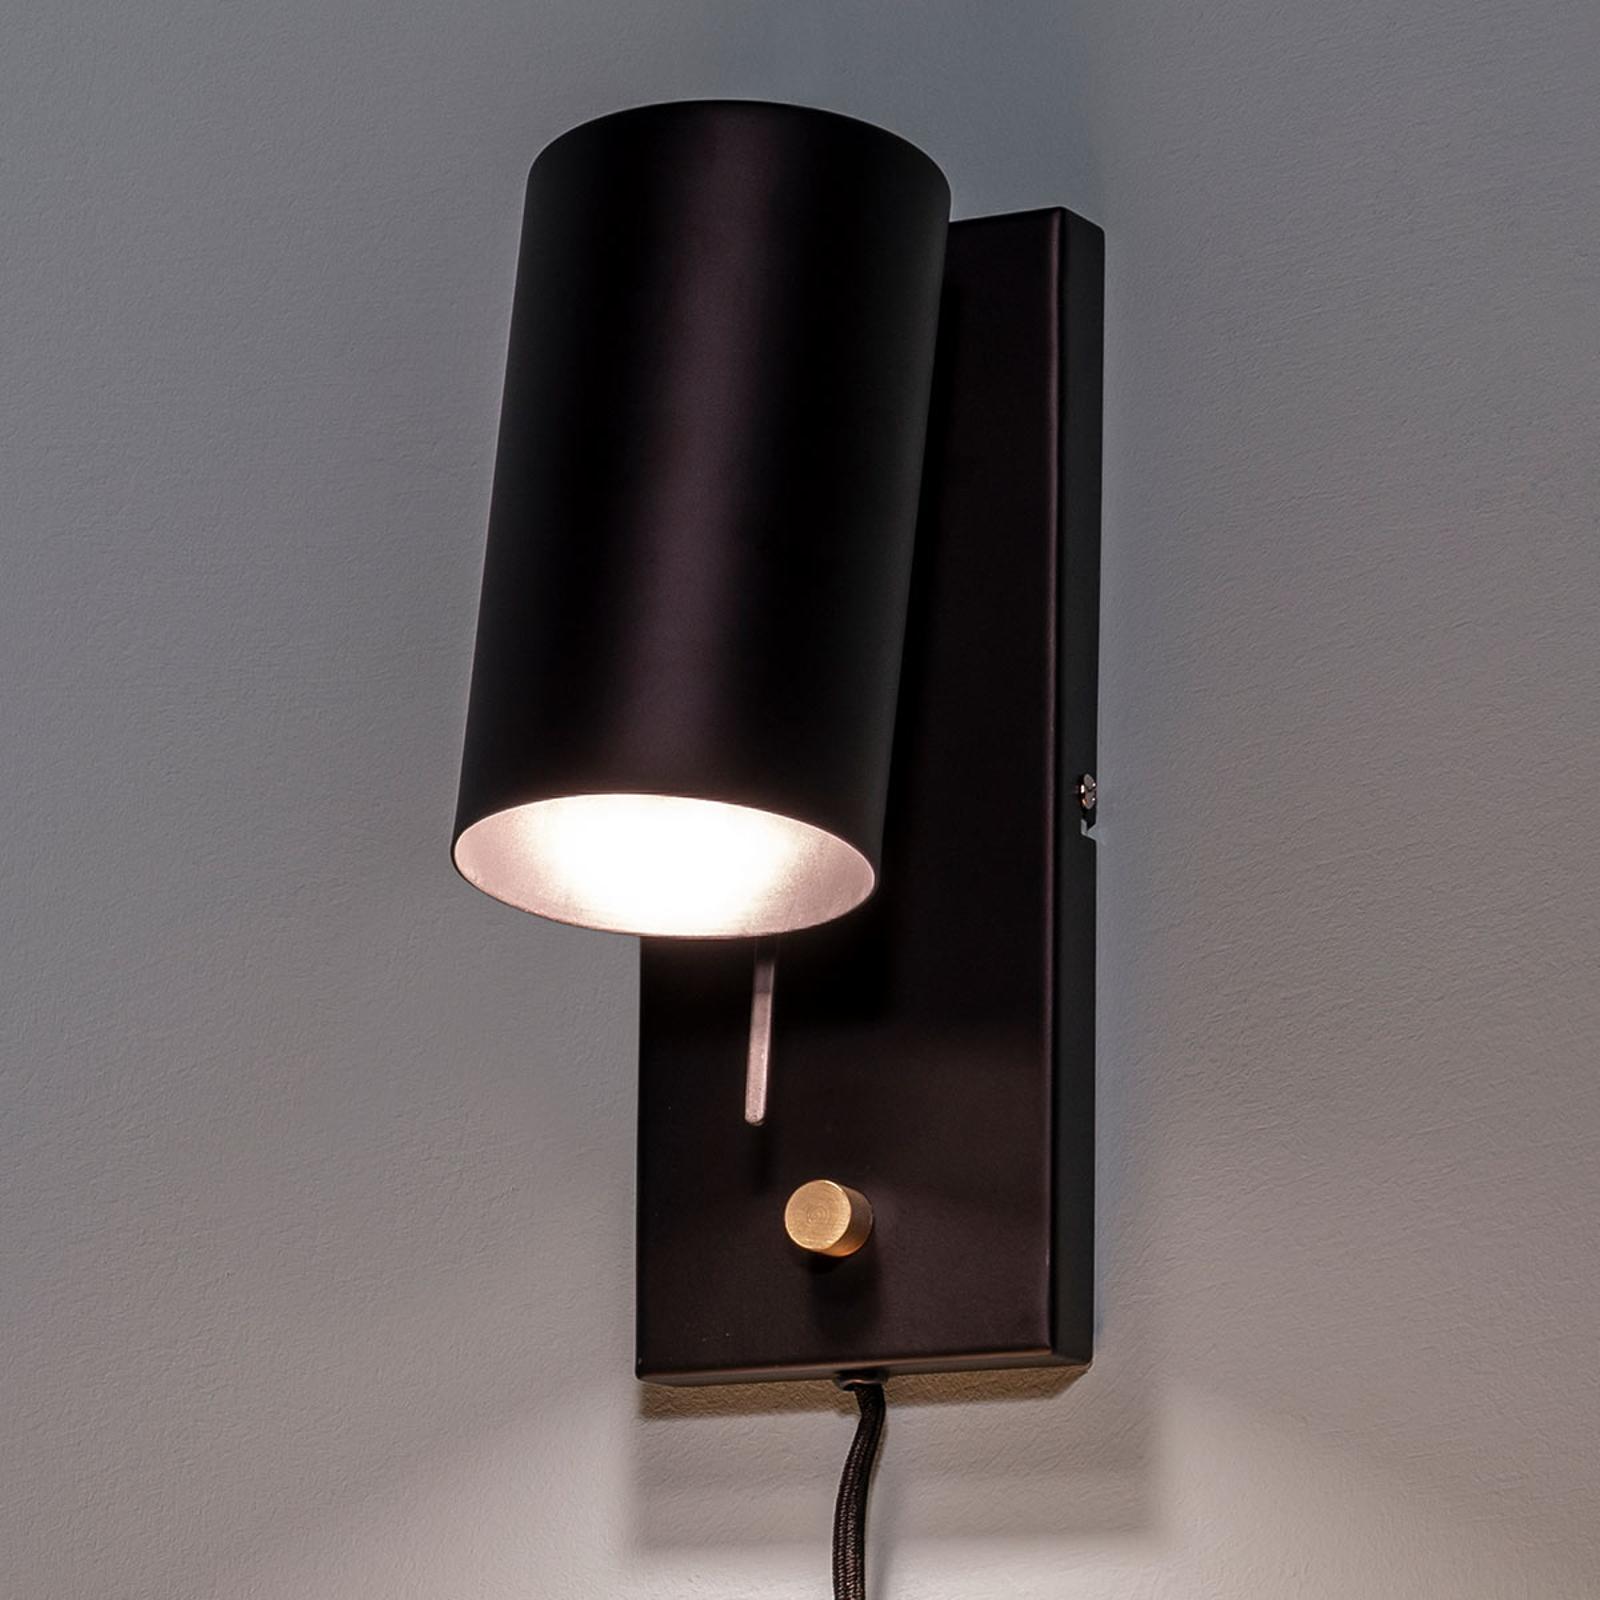 Dæmpbar væglampe Carrie med ledning og stik